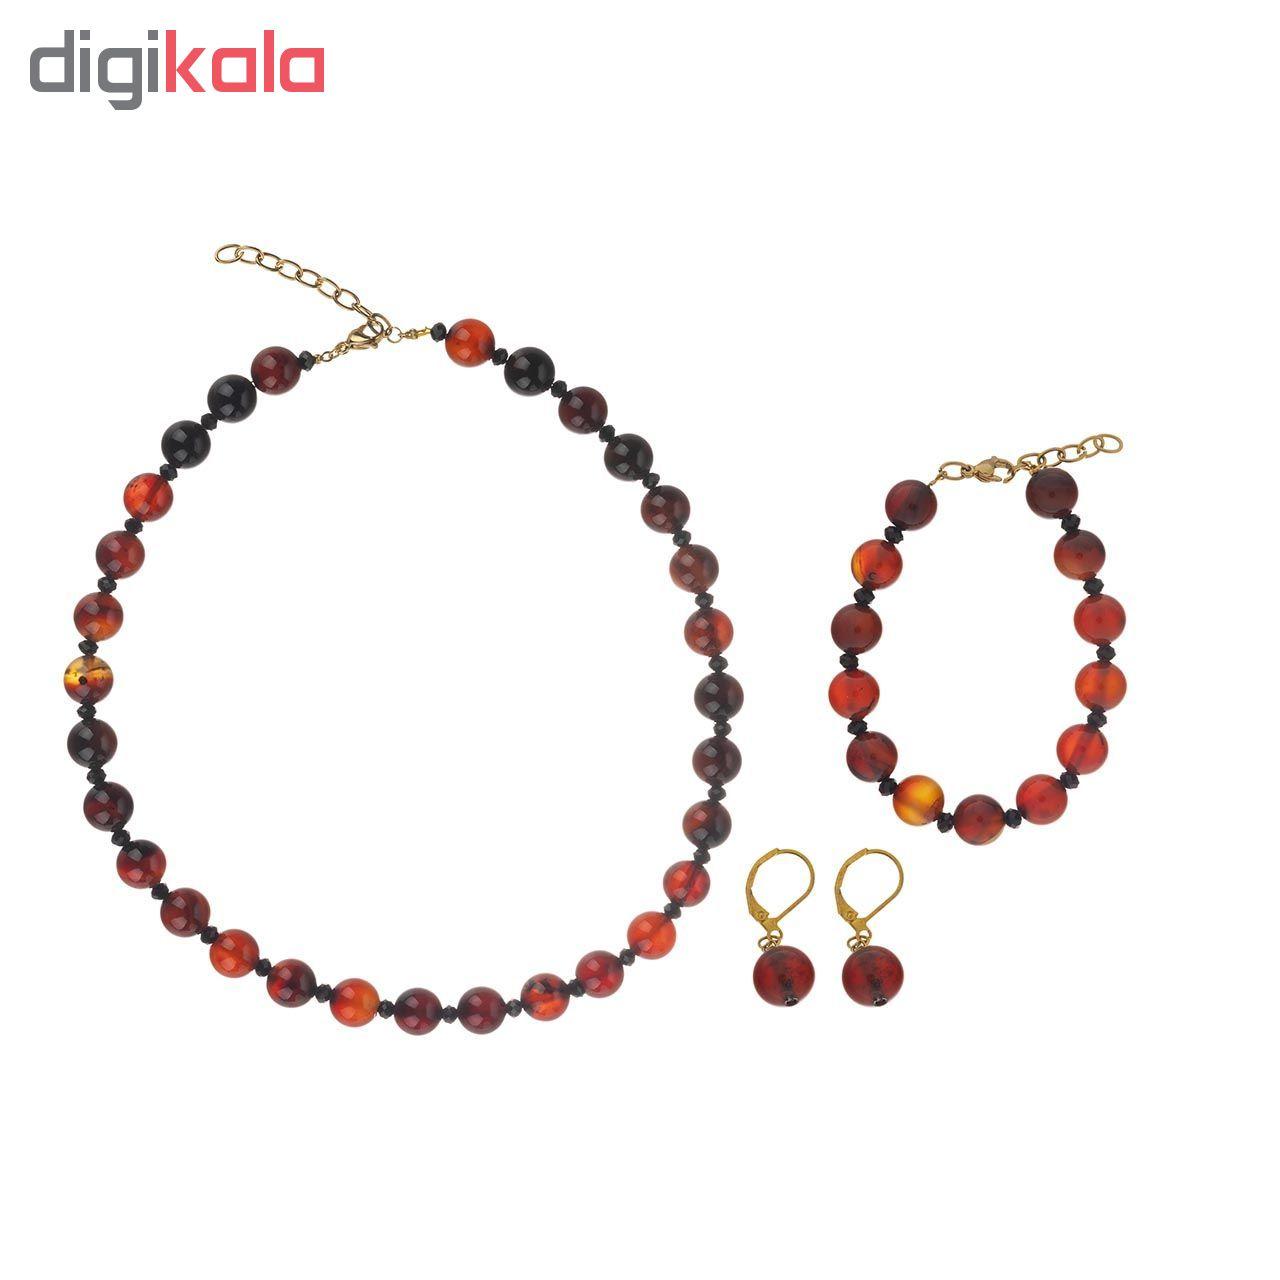 ست عقیق طبیعی شامل گردنبند دستبند و گوشواره مدل Z-851608